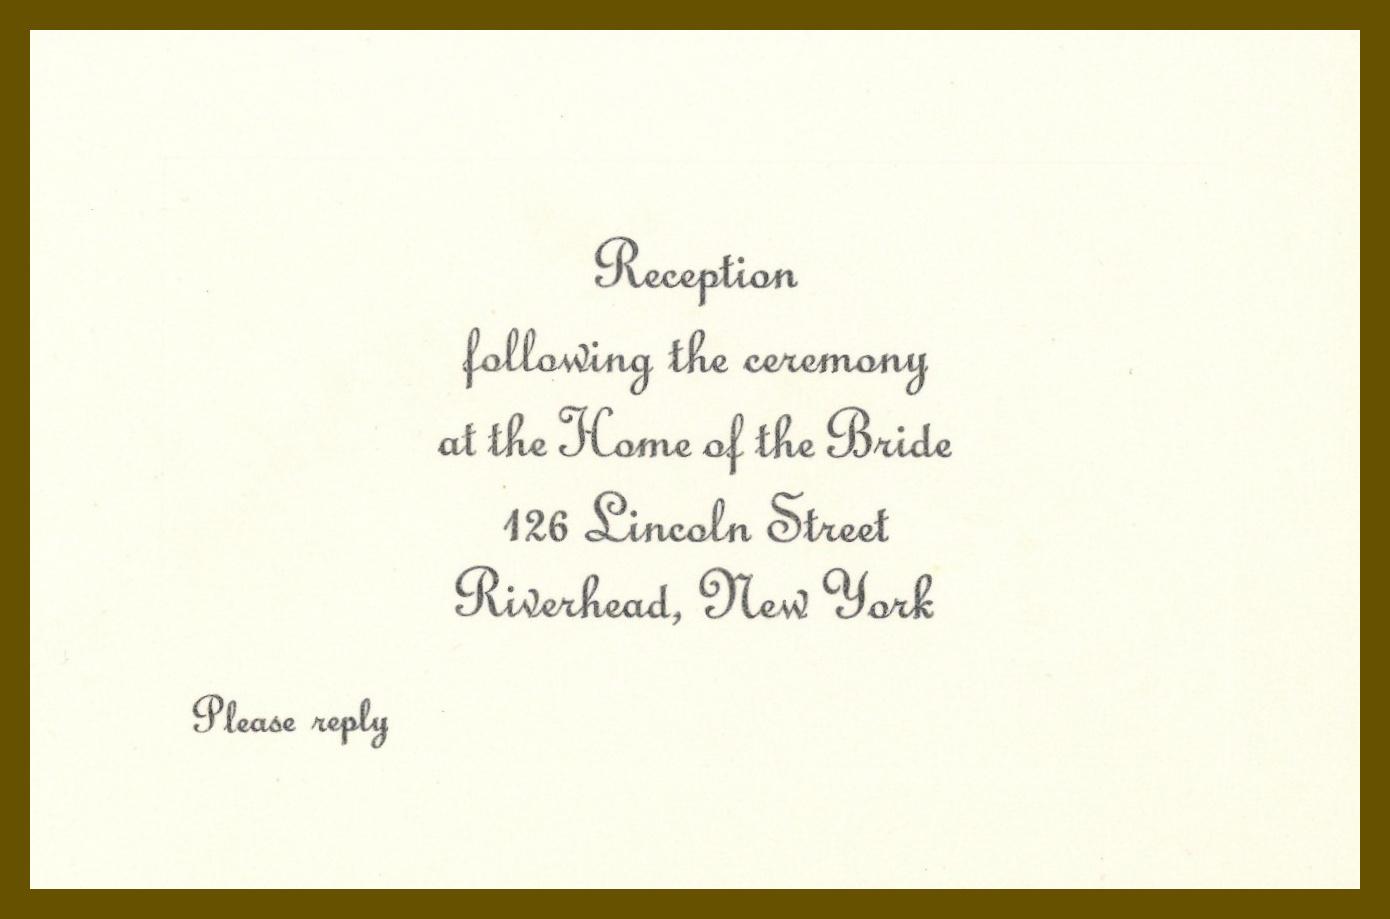 Marriage Invitation Reply Email | Invitationswedd.org